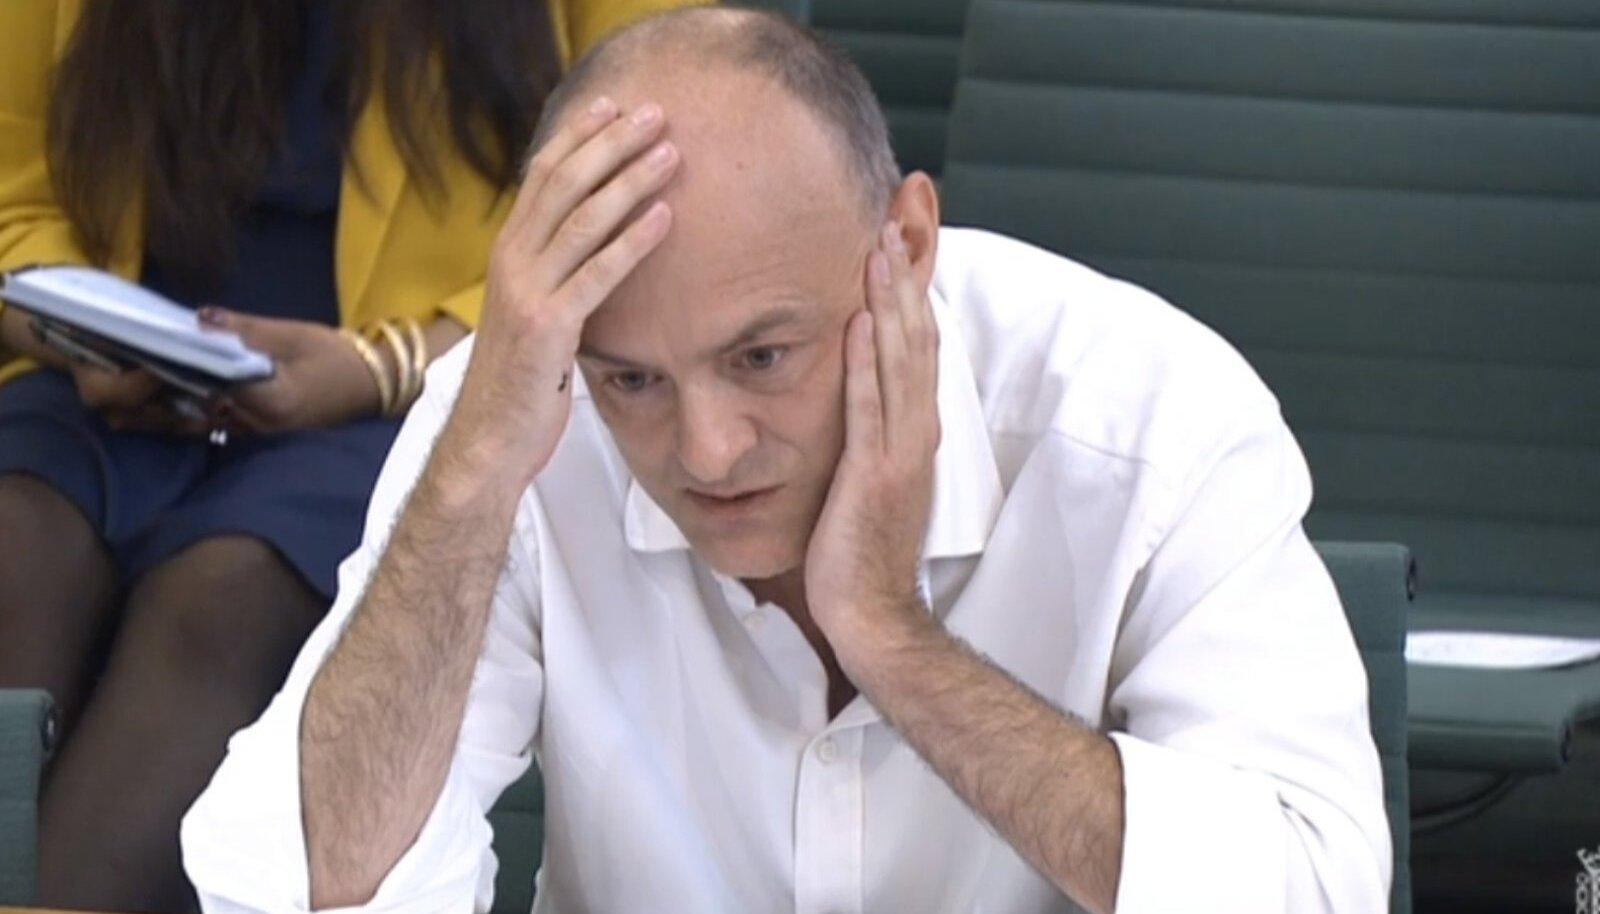 Dominic Cummings ütles, et tahab paluda asjatult surnud inimeste lähedastelt vabandust ka enda tehtud vigade eest.